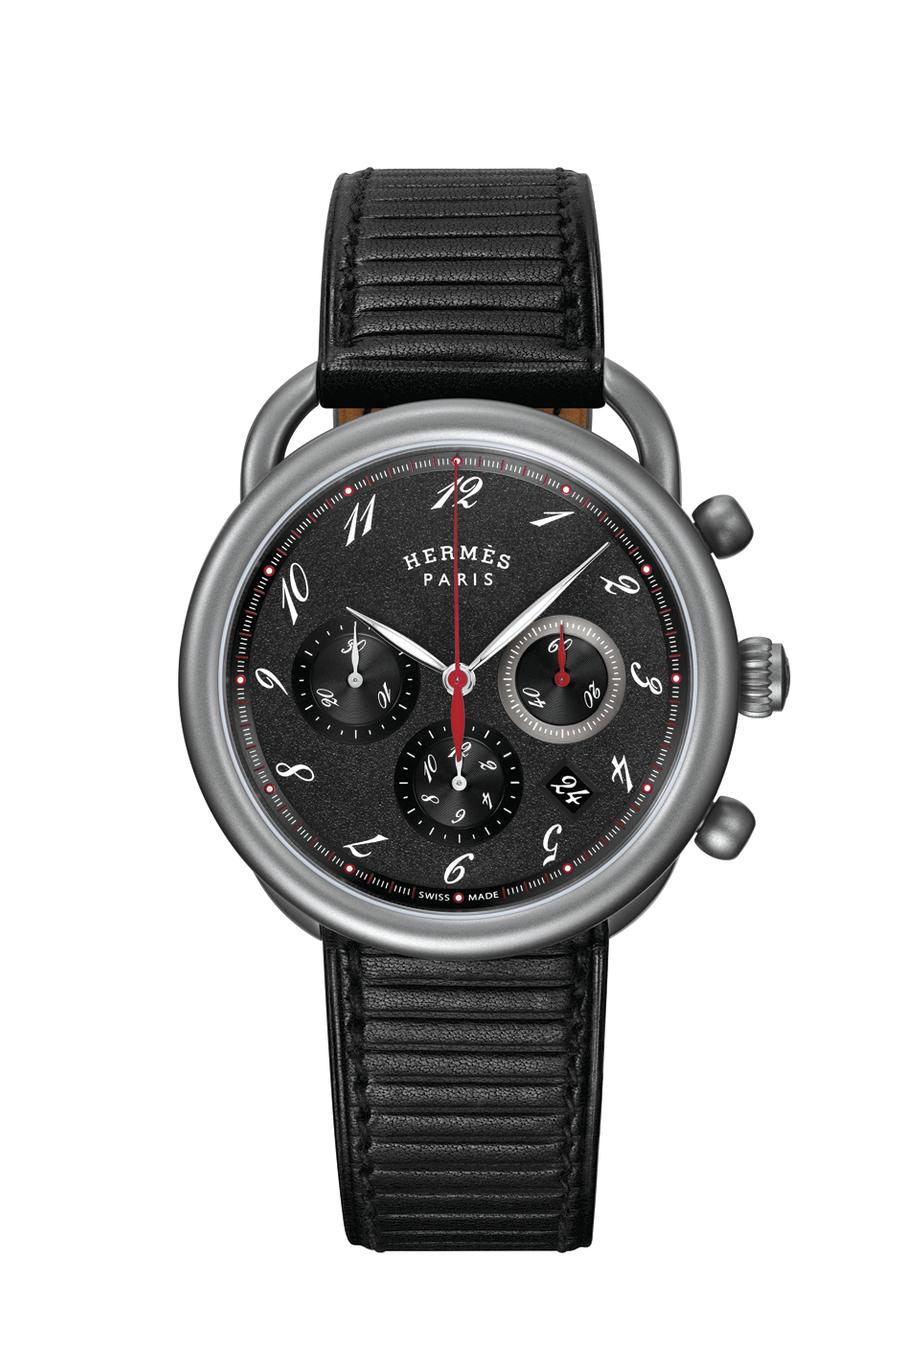 Chronographe Arceau en titane, 41 mm de diamètre, mouvement automatique, bracelet en veau embossé. 4 300 €. Hermès.